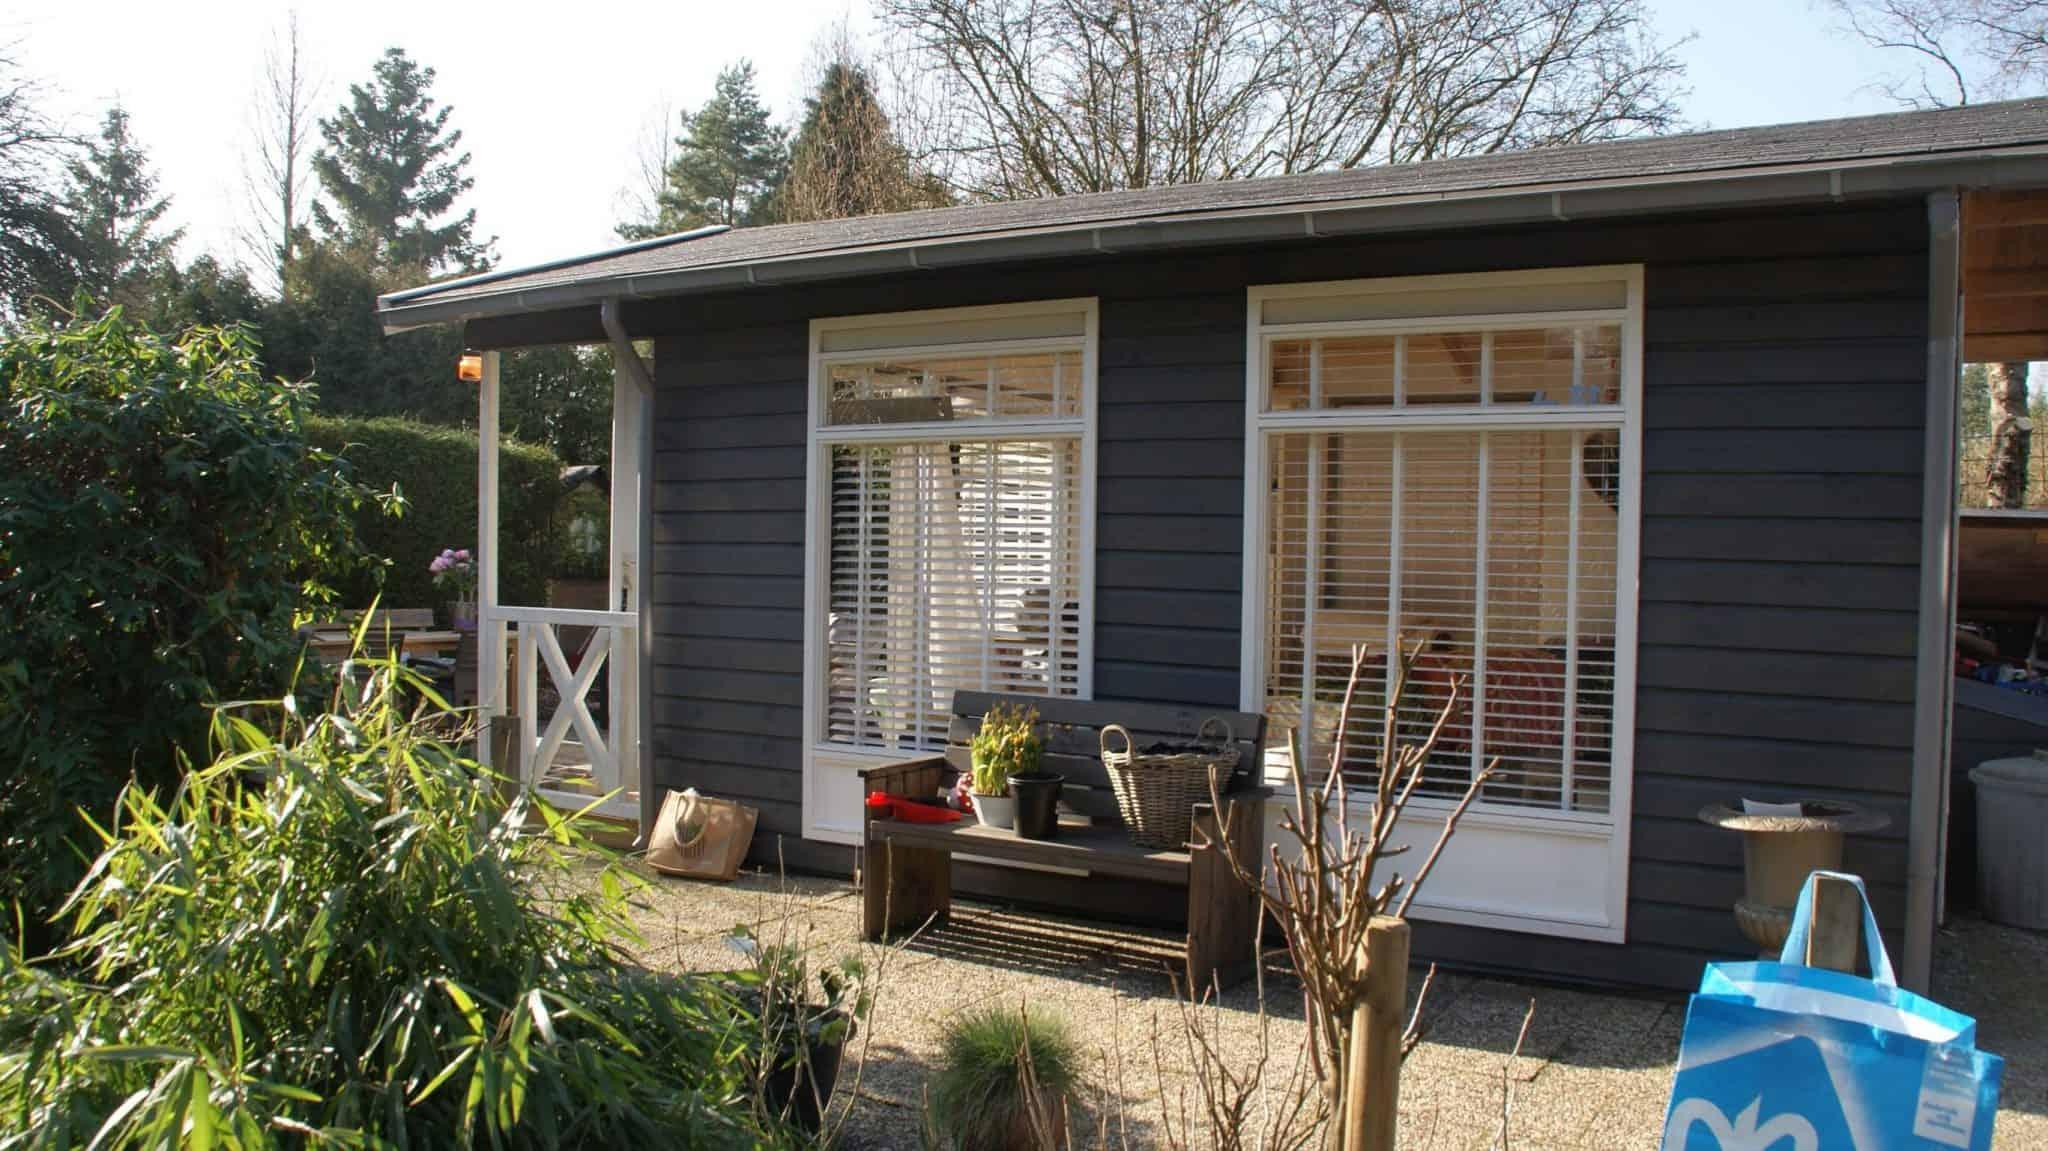 Tuin huis schilderen veel complimenten gekregen moose f rg matte zweedse houtverf - Huis in de tuin ...